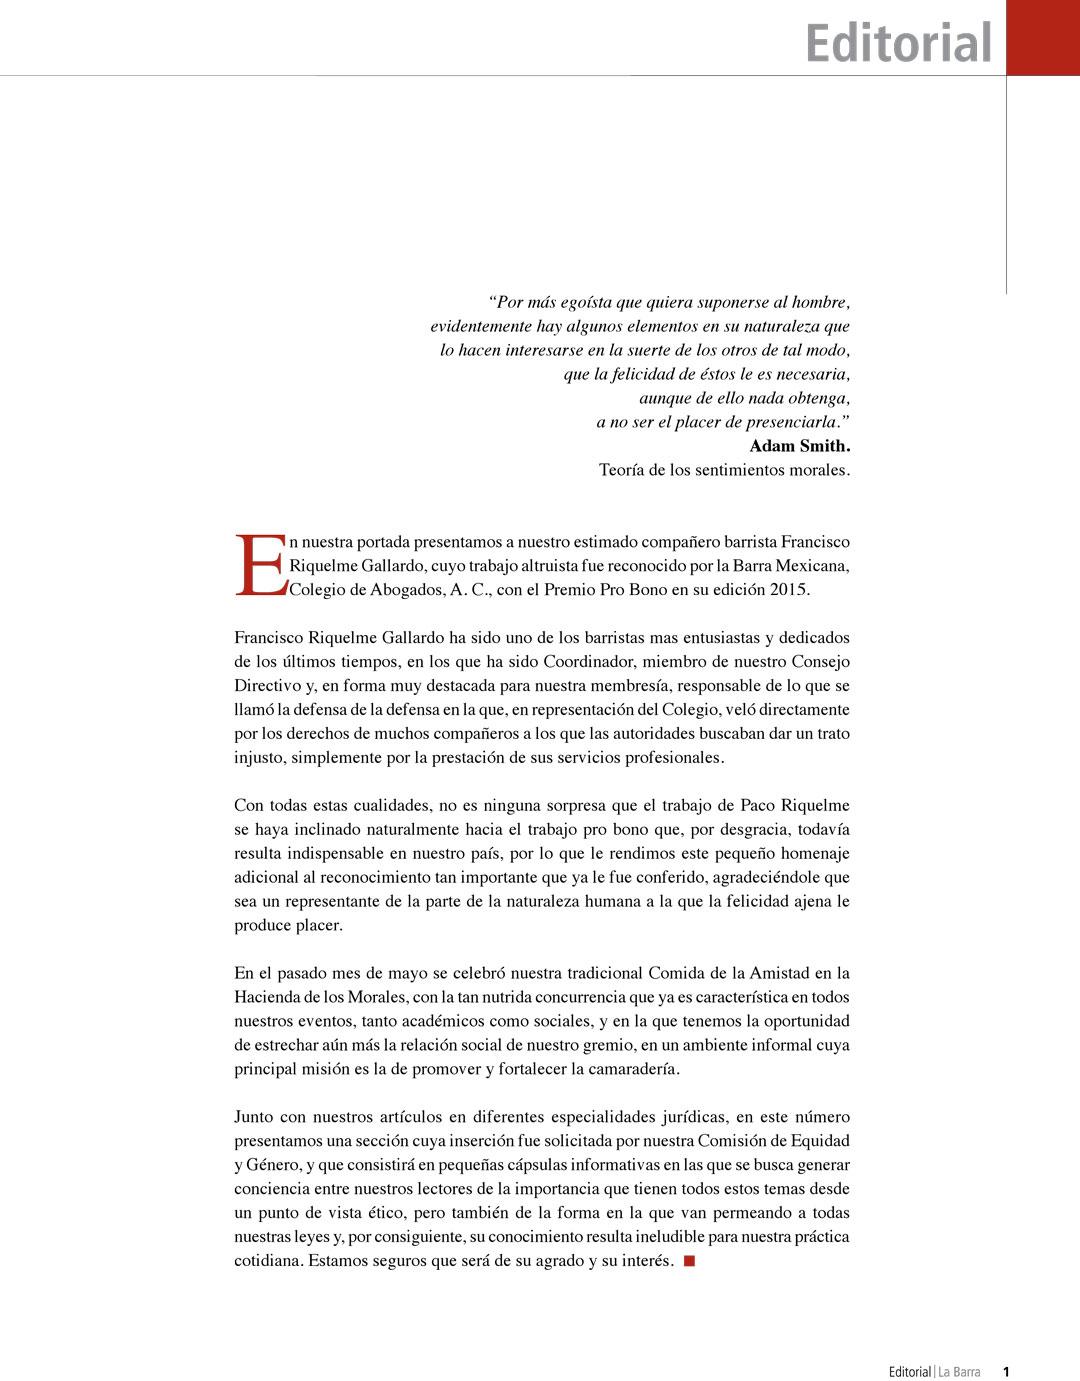 Premio Pro Bono Francisco Riquelme Gallardo Barra Mexicana de Abogados